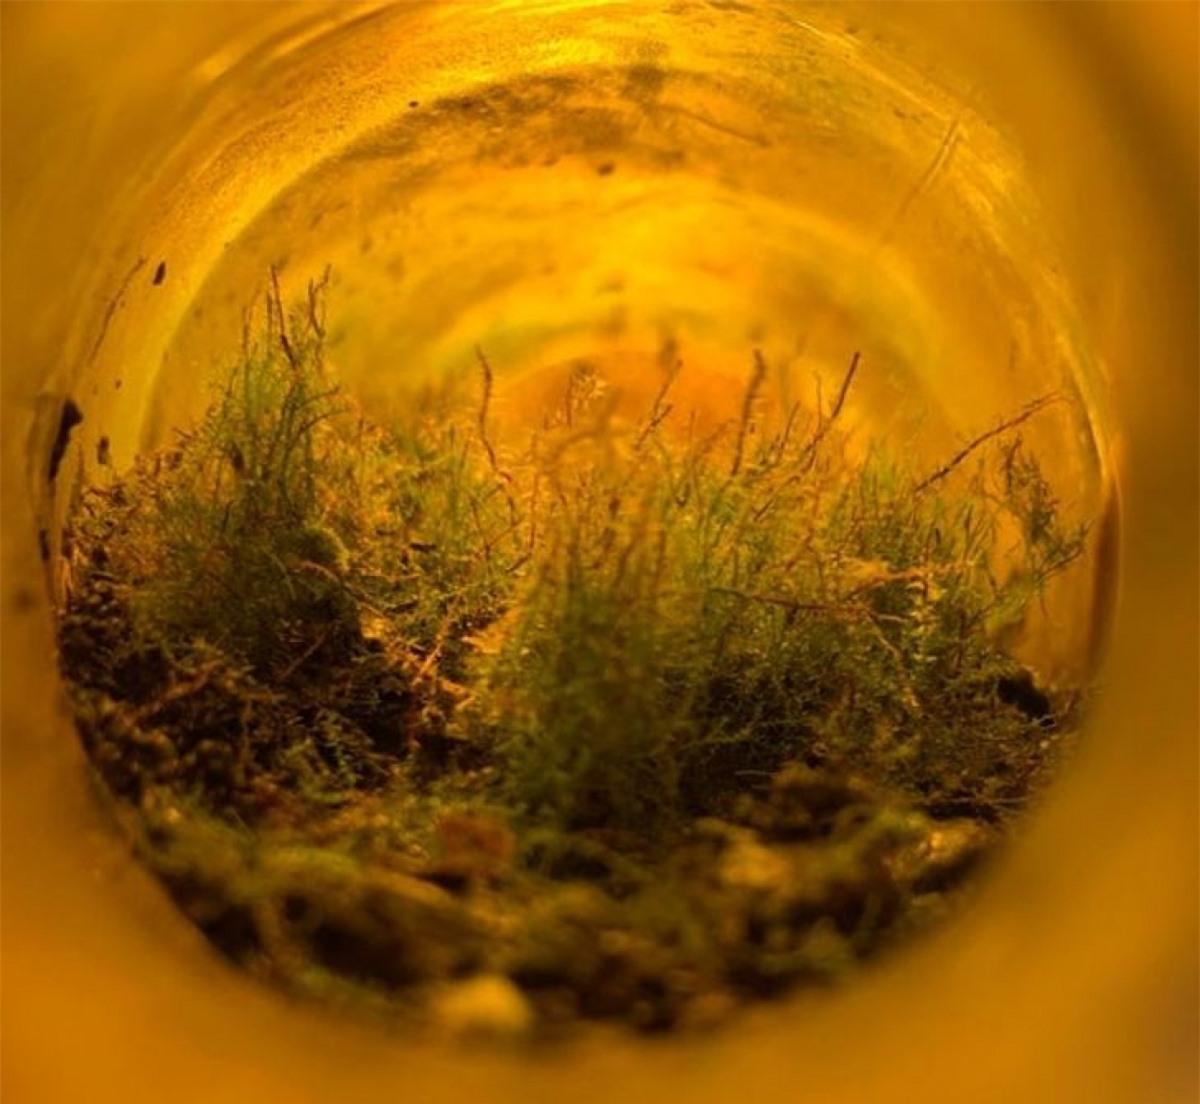 Một thế giới kỳ diệu sinh sôi bên trong chai nước rỗng được tìm thấy trong rừng.